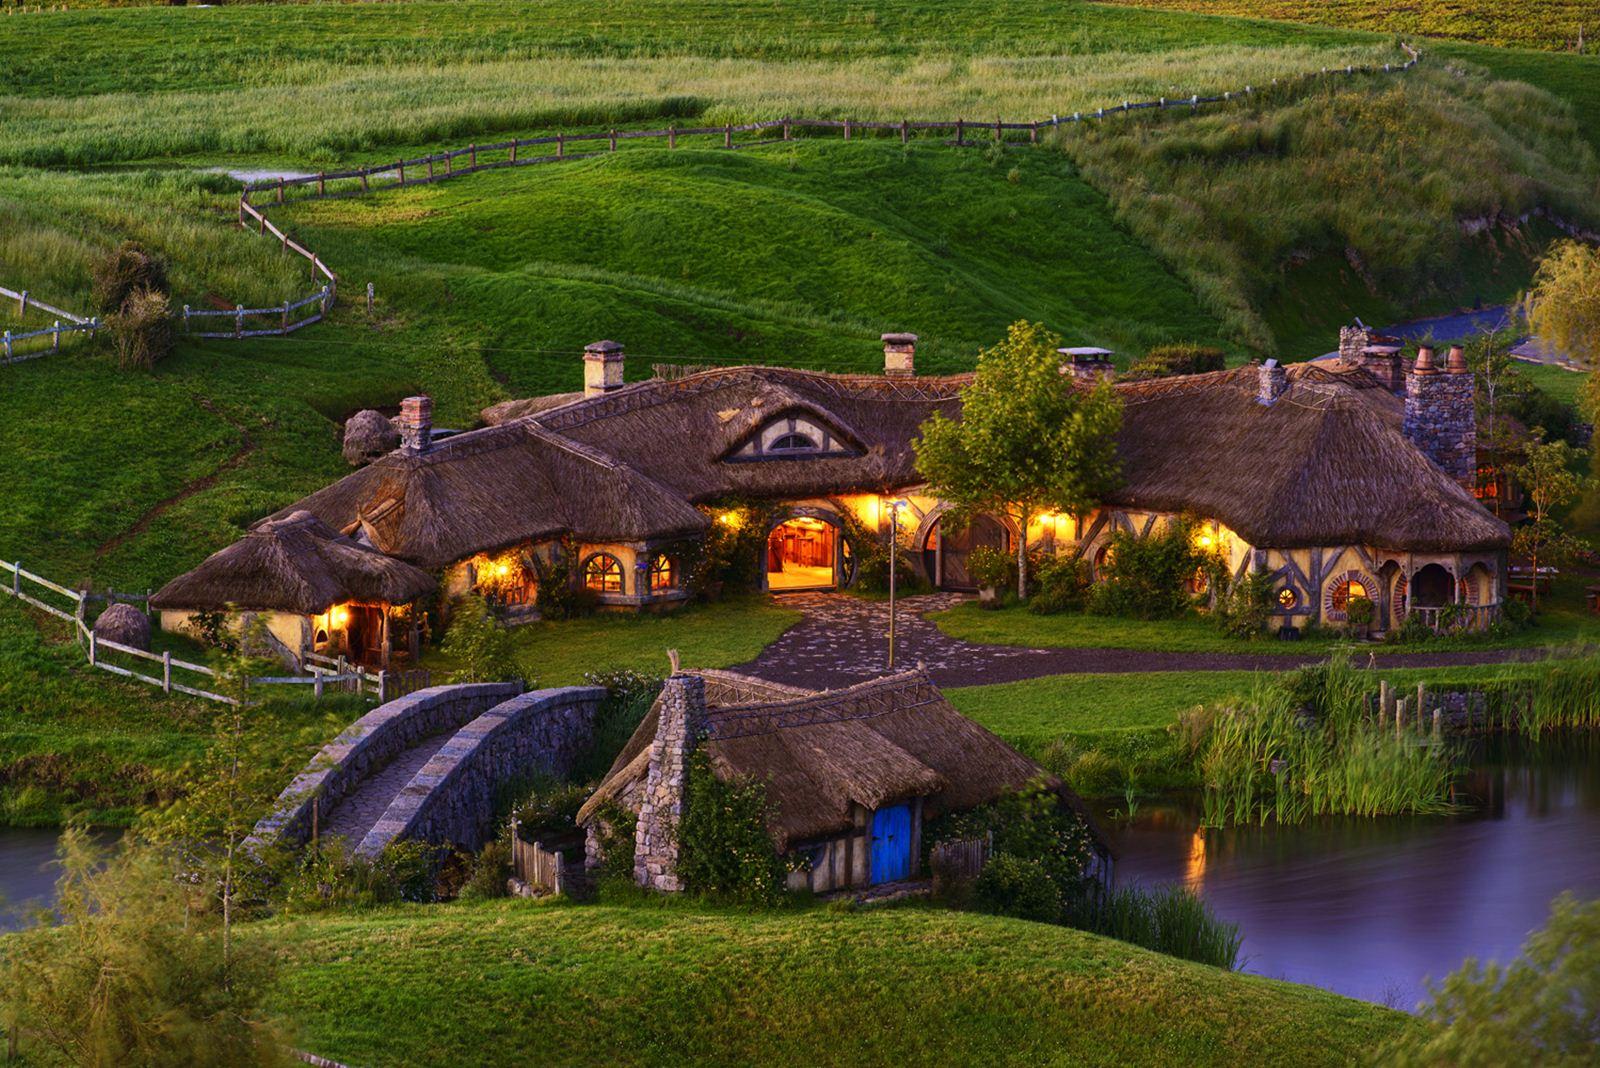 Le village des Hobbits dans Le Seigneur des Anneaux